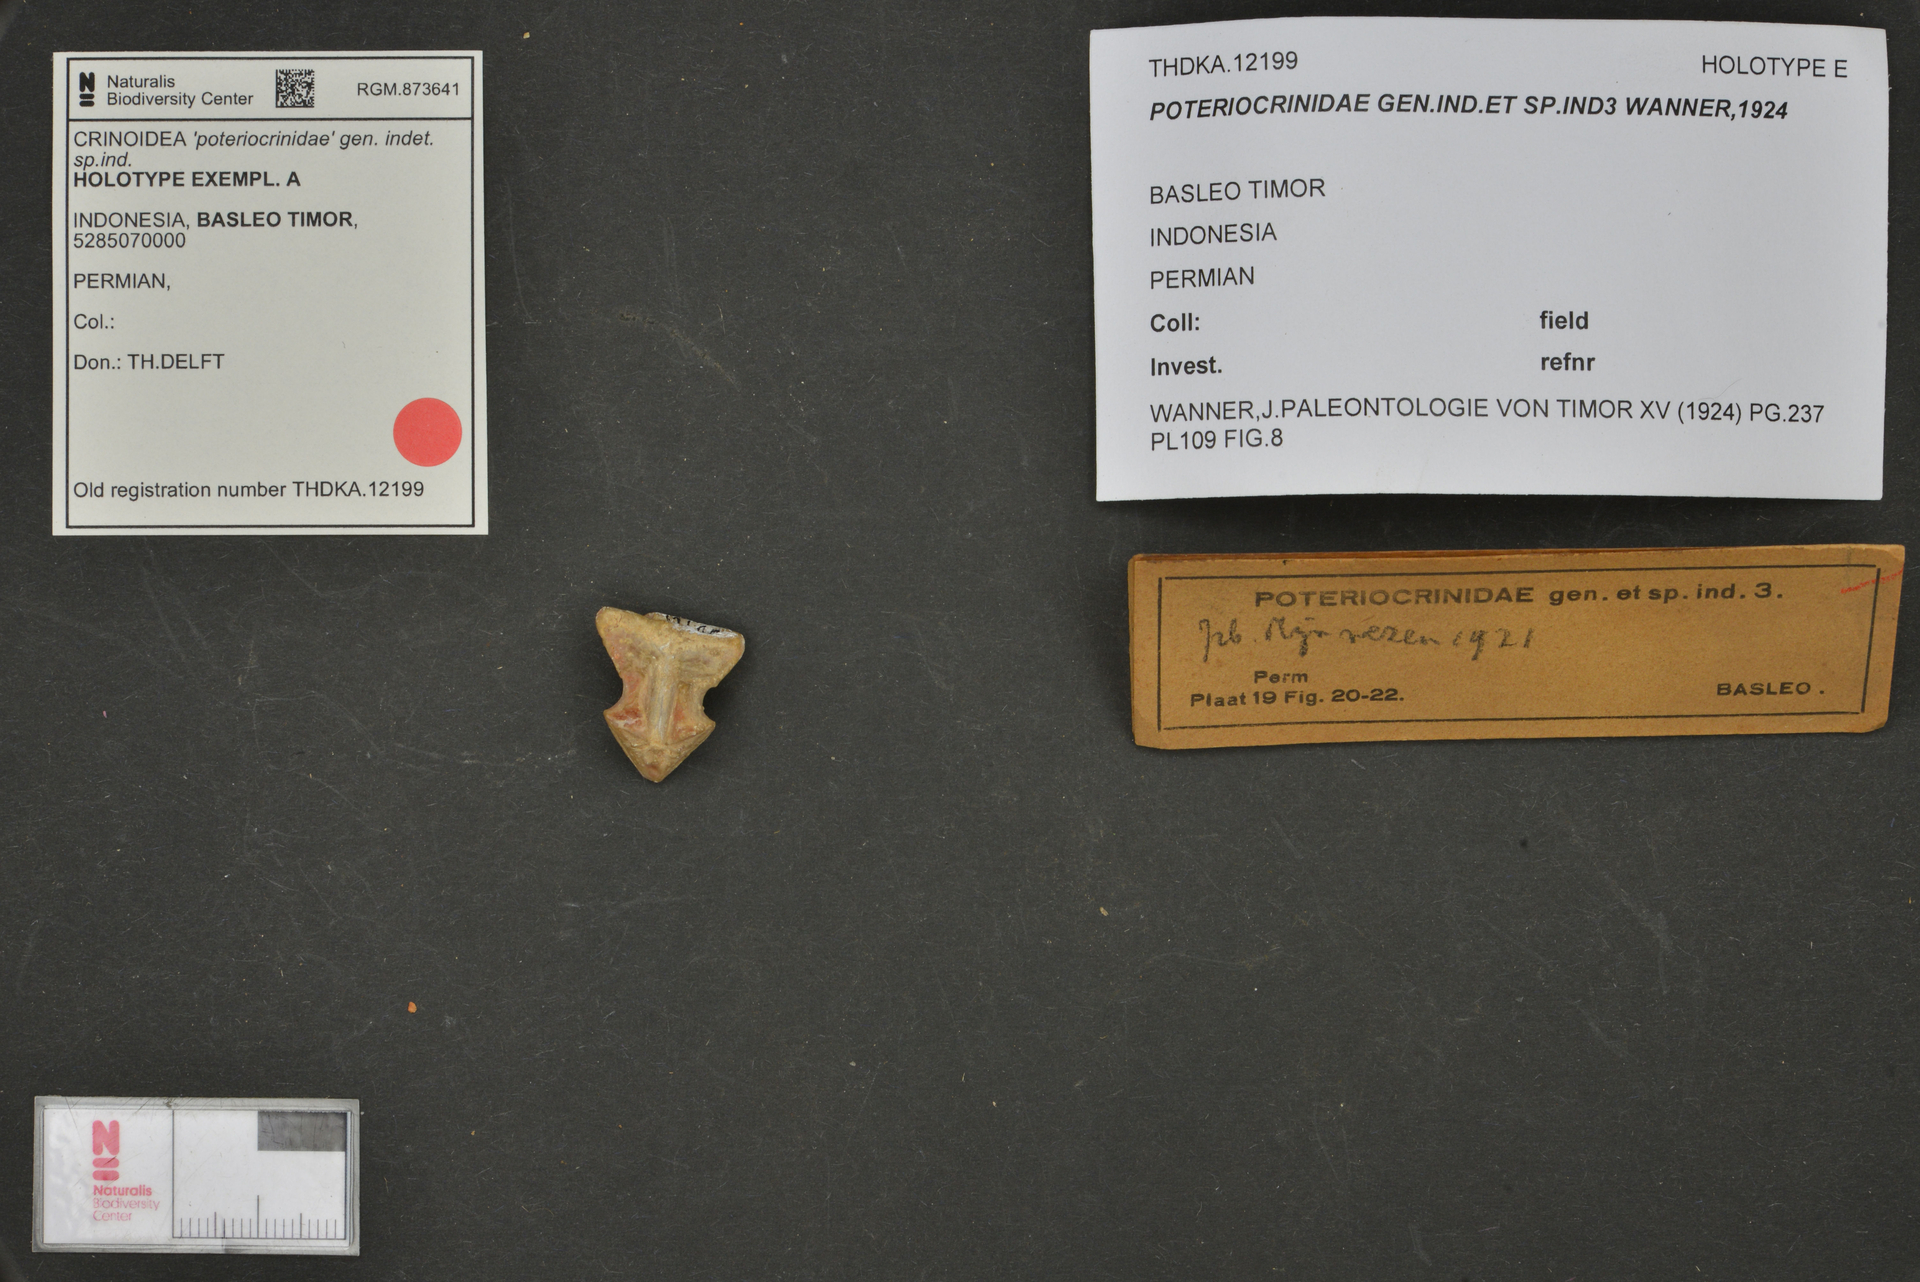 RGM.873641 | 'poteriocrinidae' gen. indet. sp.ind.